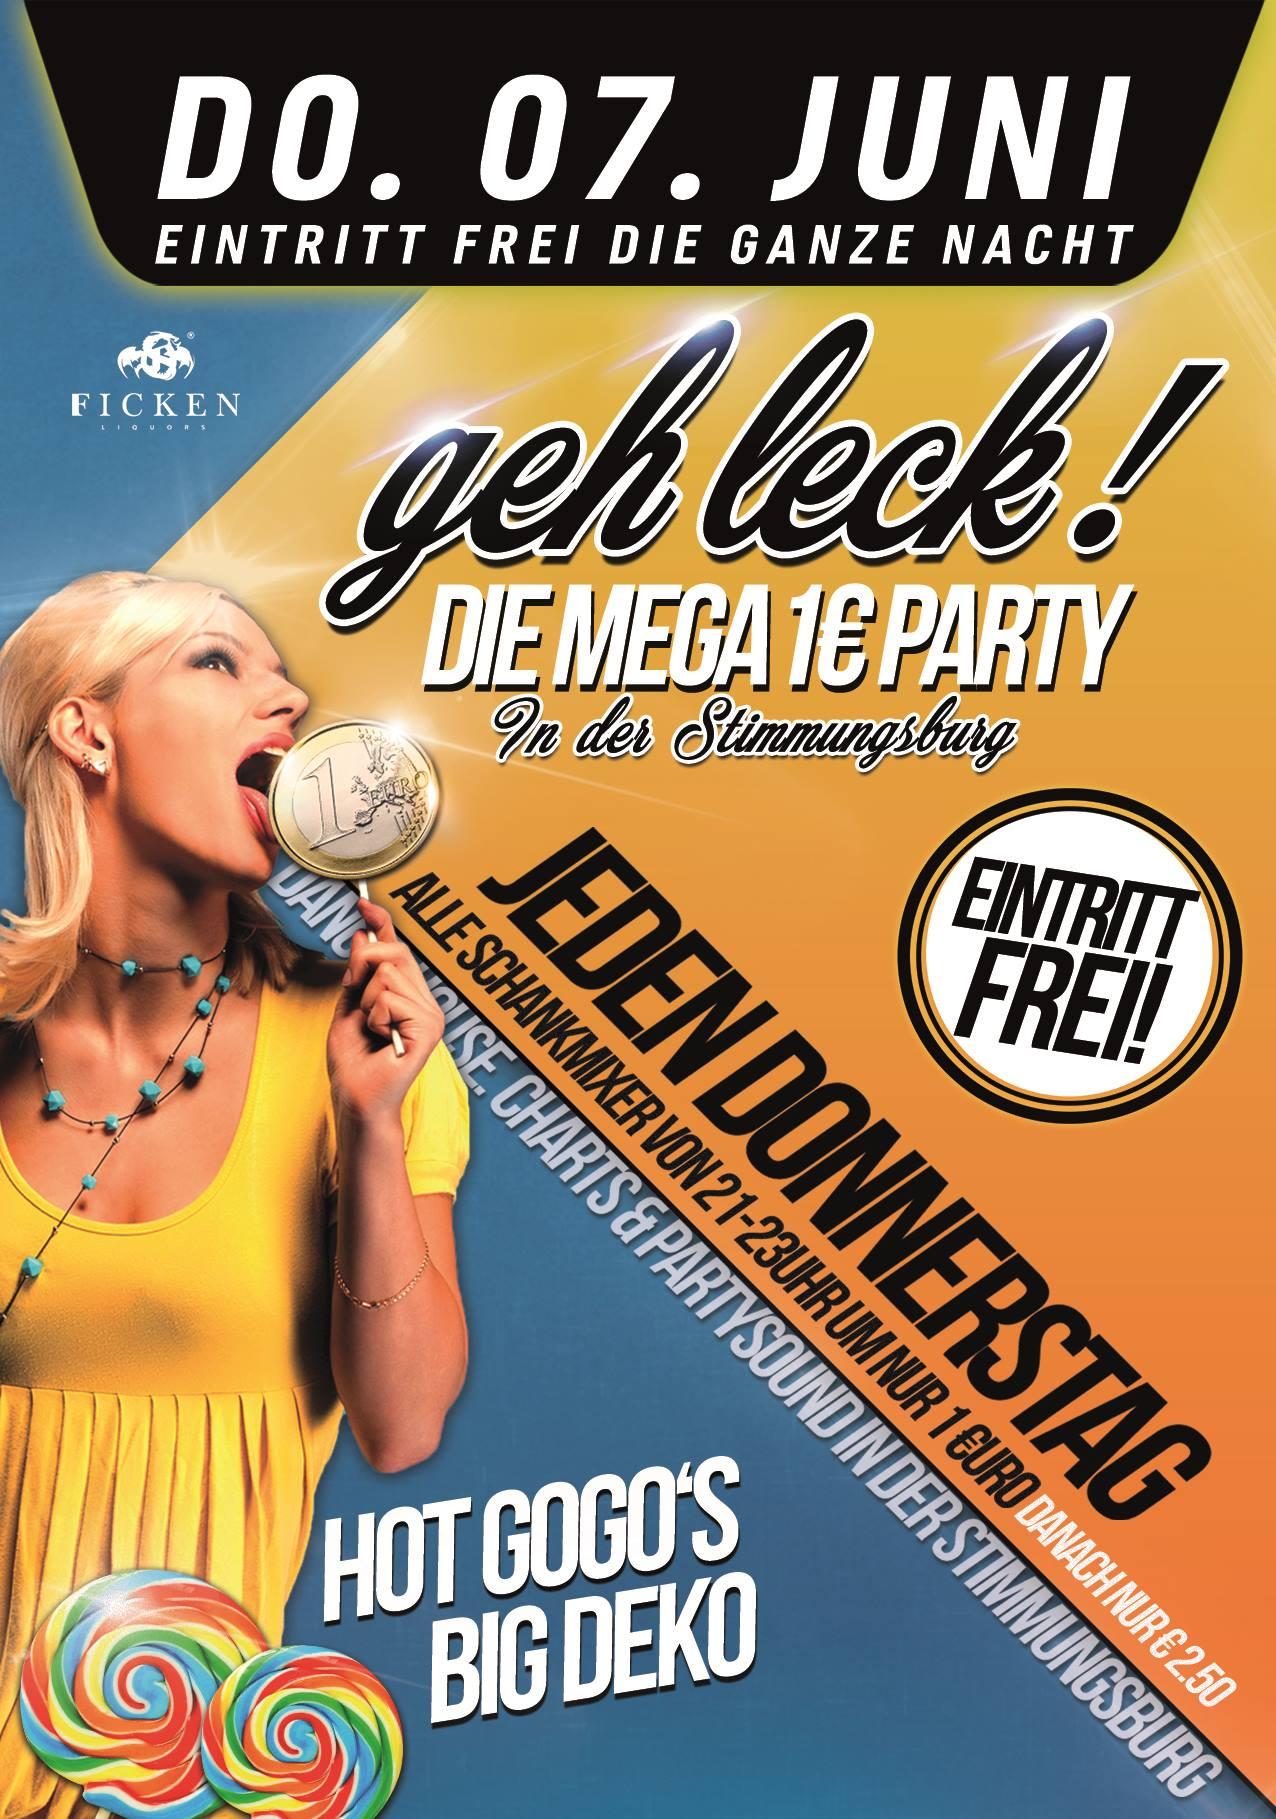 Geh Leck! Die Super 1€ Party - Jeden Donnerstag